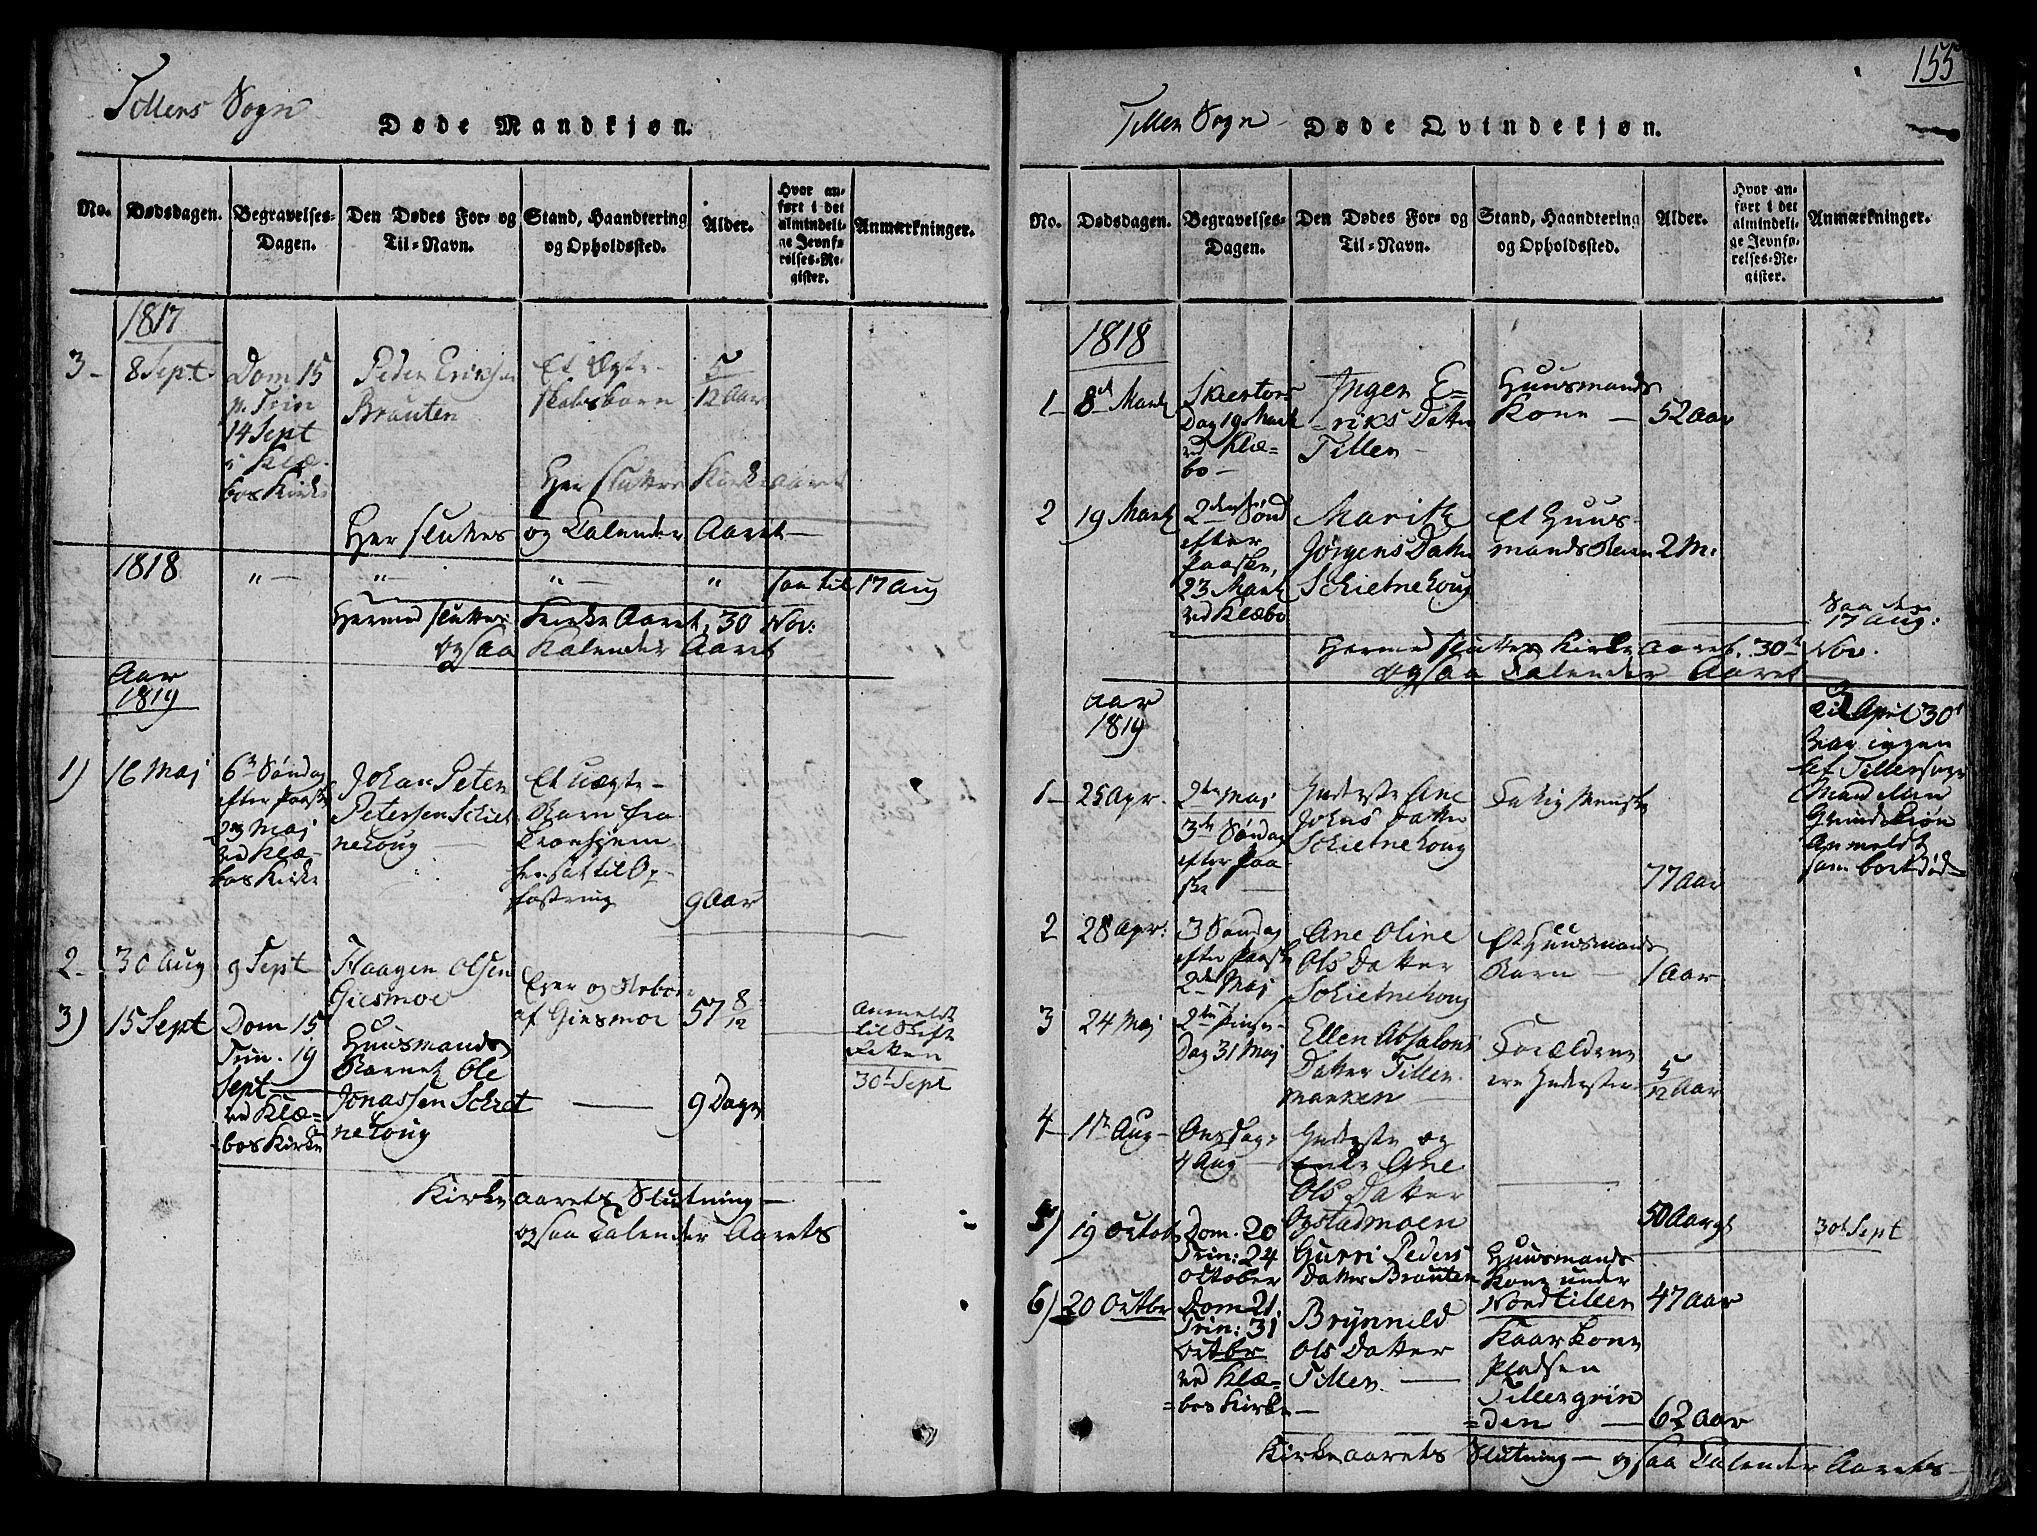 SAT, Ministerialprotokoller, klokkerbøker og fødselsregistre - Sør-Trøndelag, 618/L0440: Ministerialbok nr. 618A04 /2, 1816-1843, s. 155